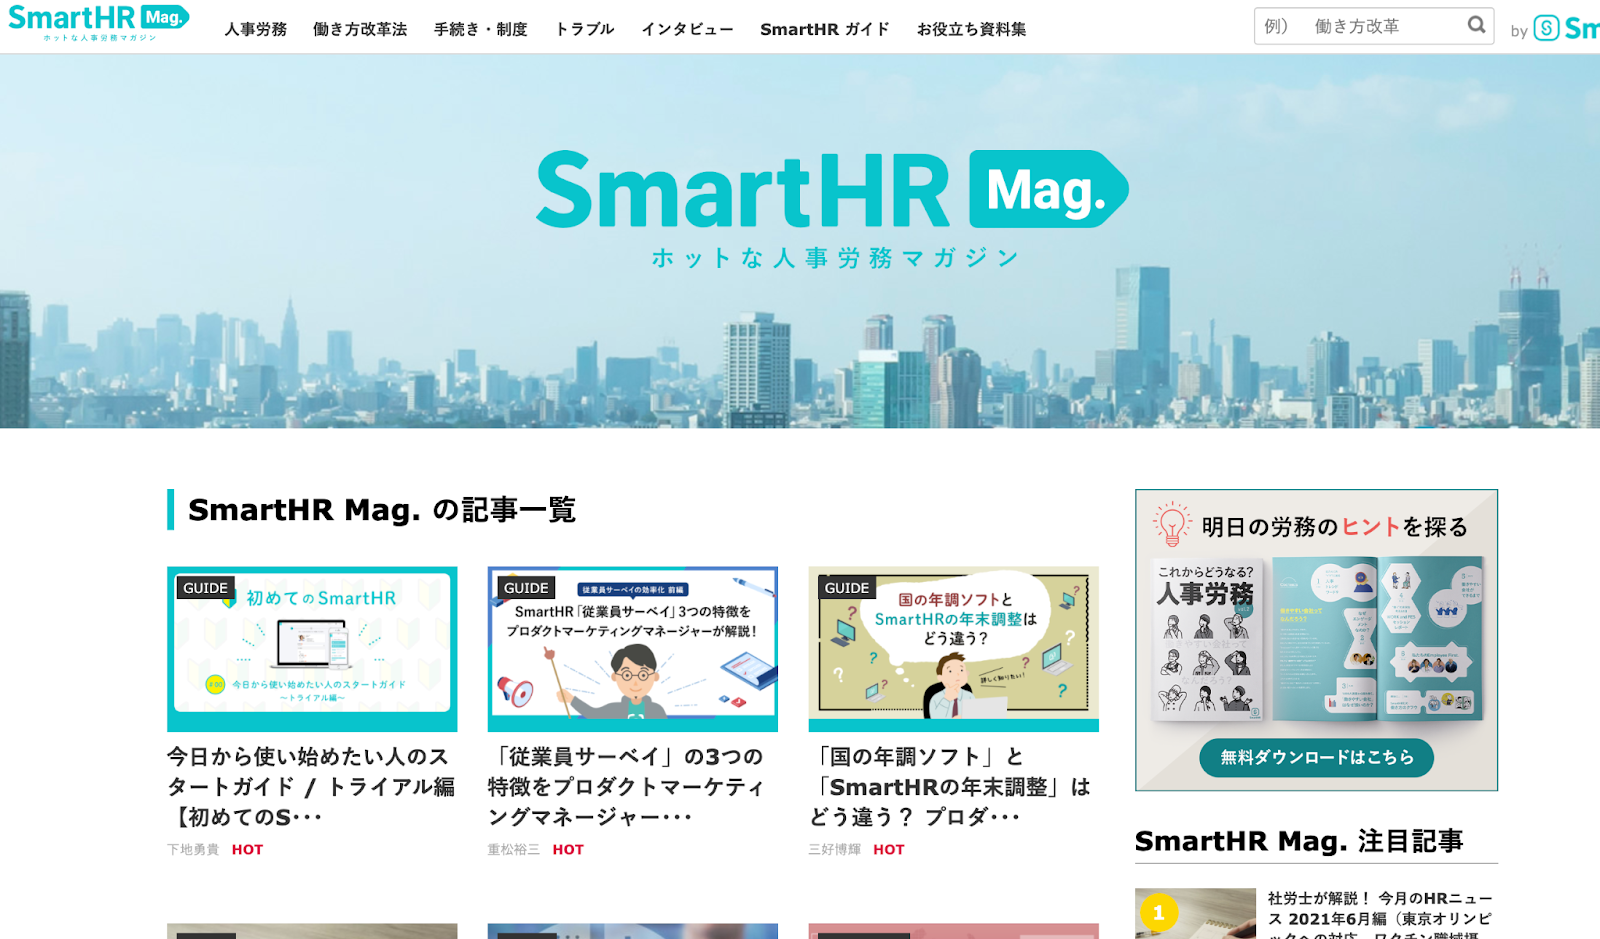 SmartHR Mag.のトップ画面